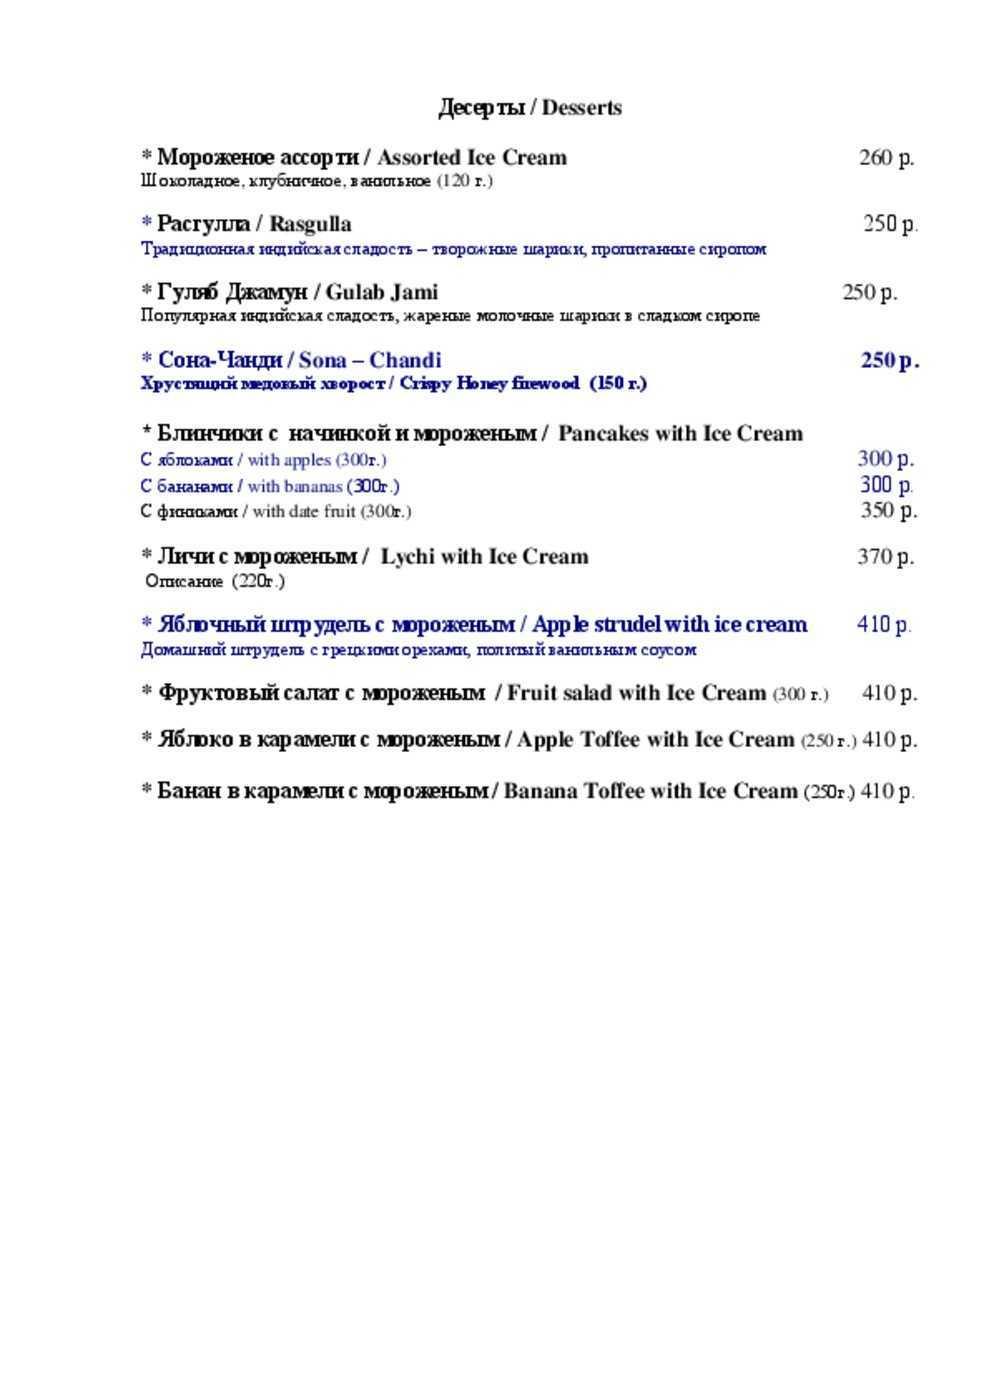 Меню ресторана Aura на улице Ленинской